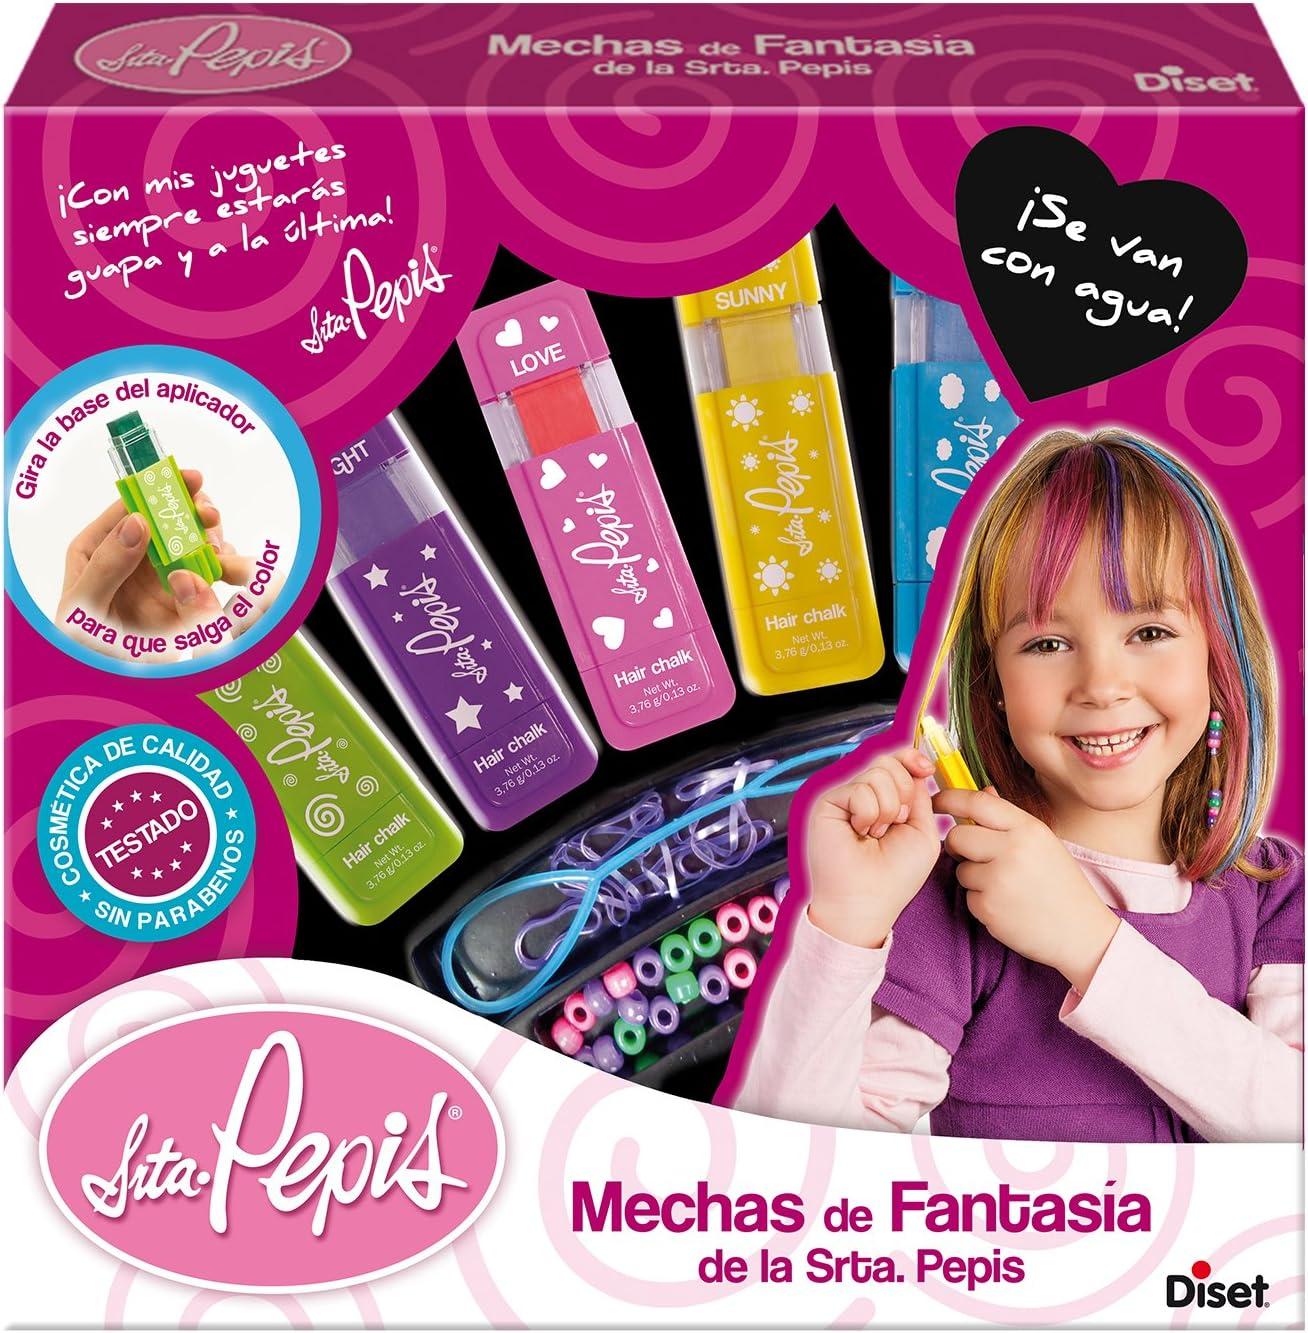 Diset - Mechas de fantasía de la Srta. Pepis - set de peinados a partir de 5 años